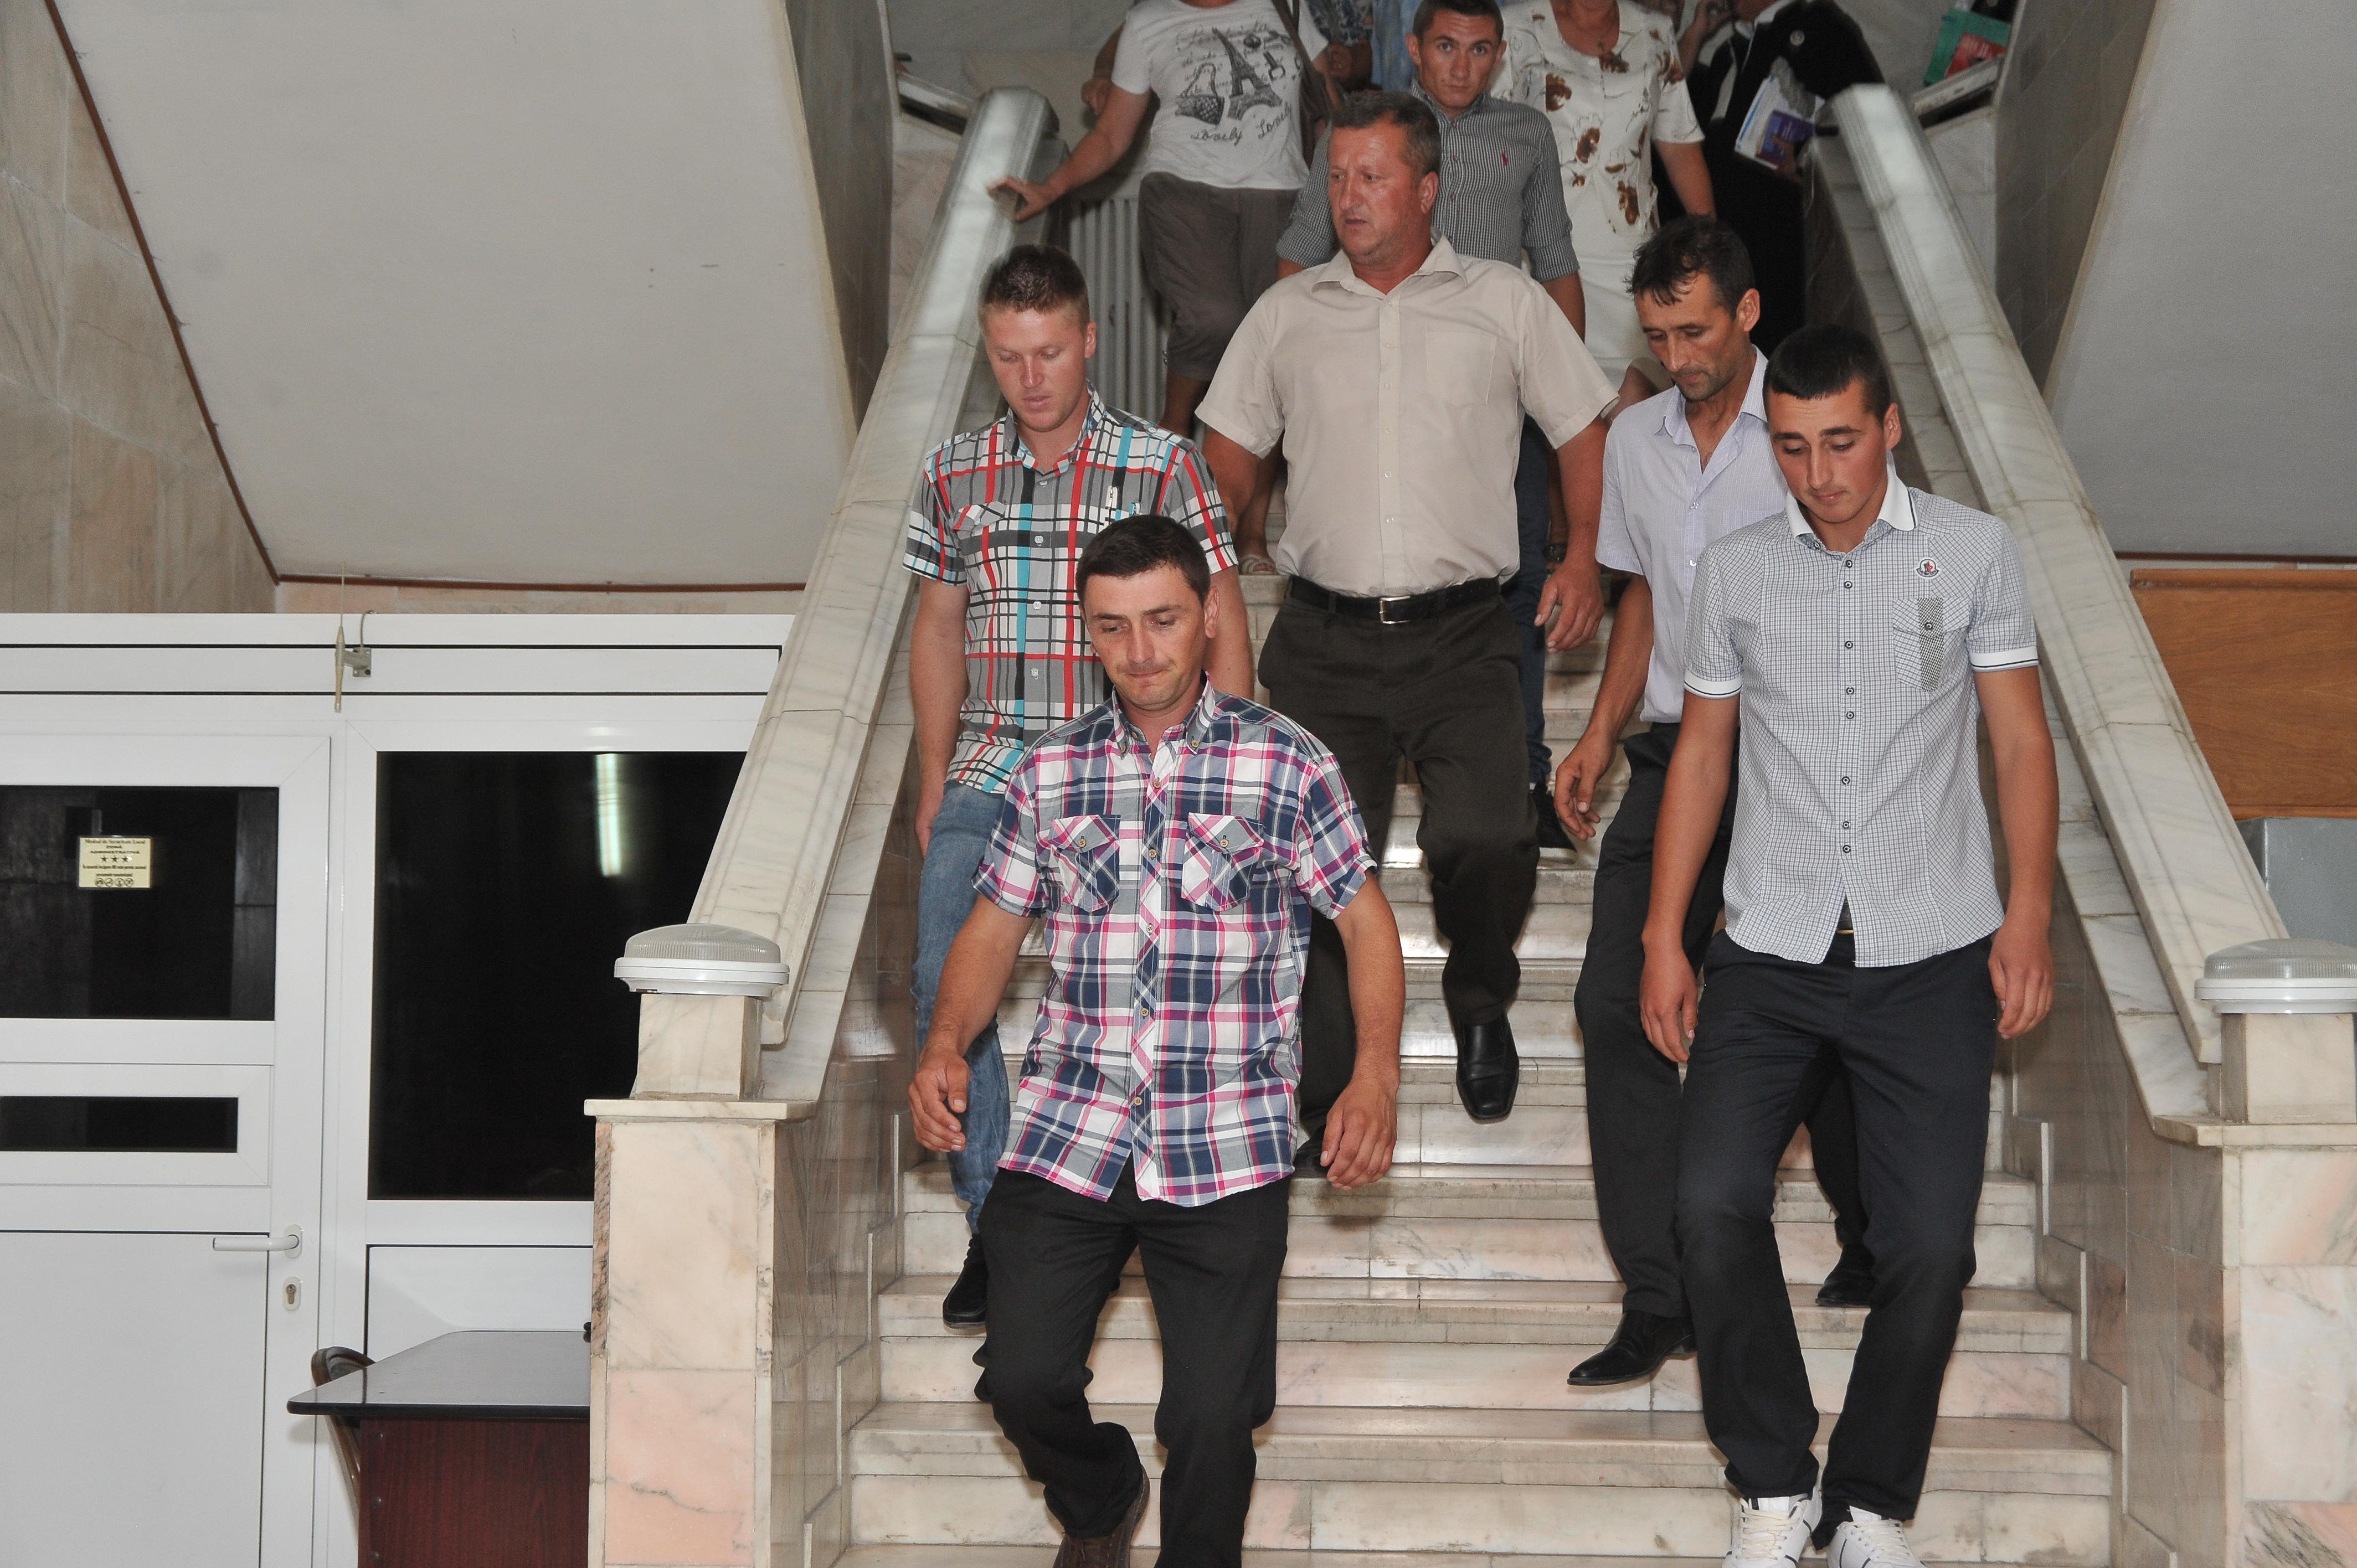 Cei 7 violatori au fost mutati la Penitenciarul Vaslui. Ce urmeaza dupa cele 21 de zile in care vor sta in carantina